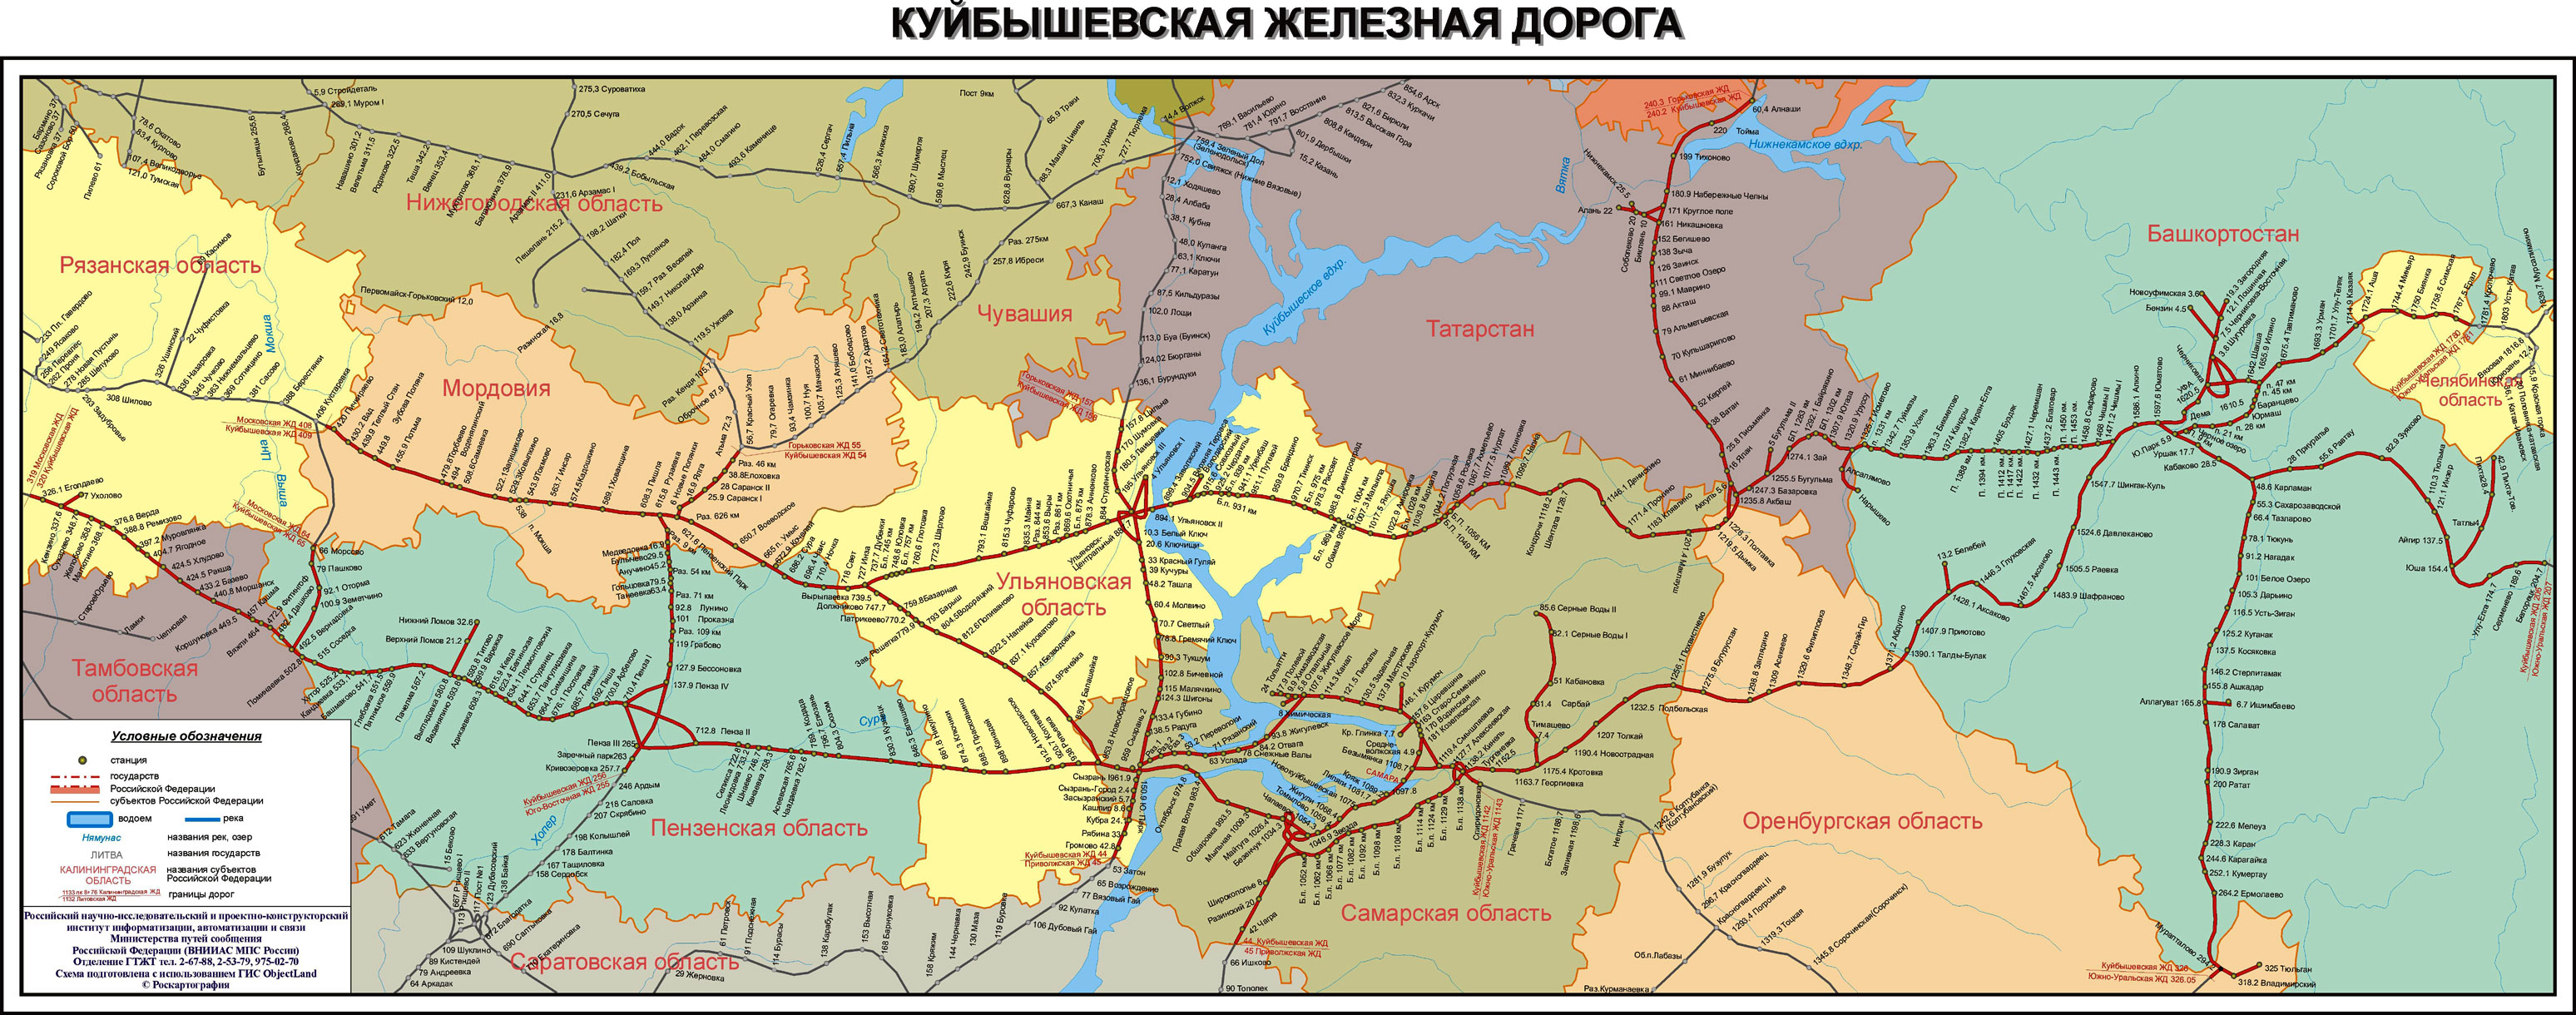 Транспортная схема ржд